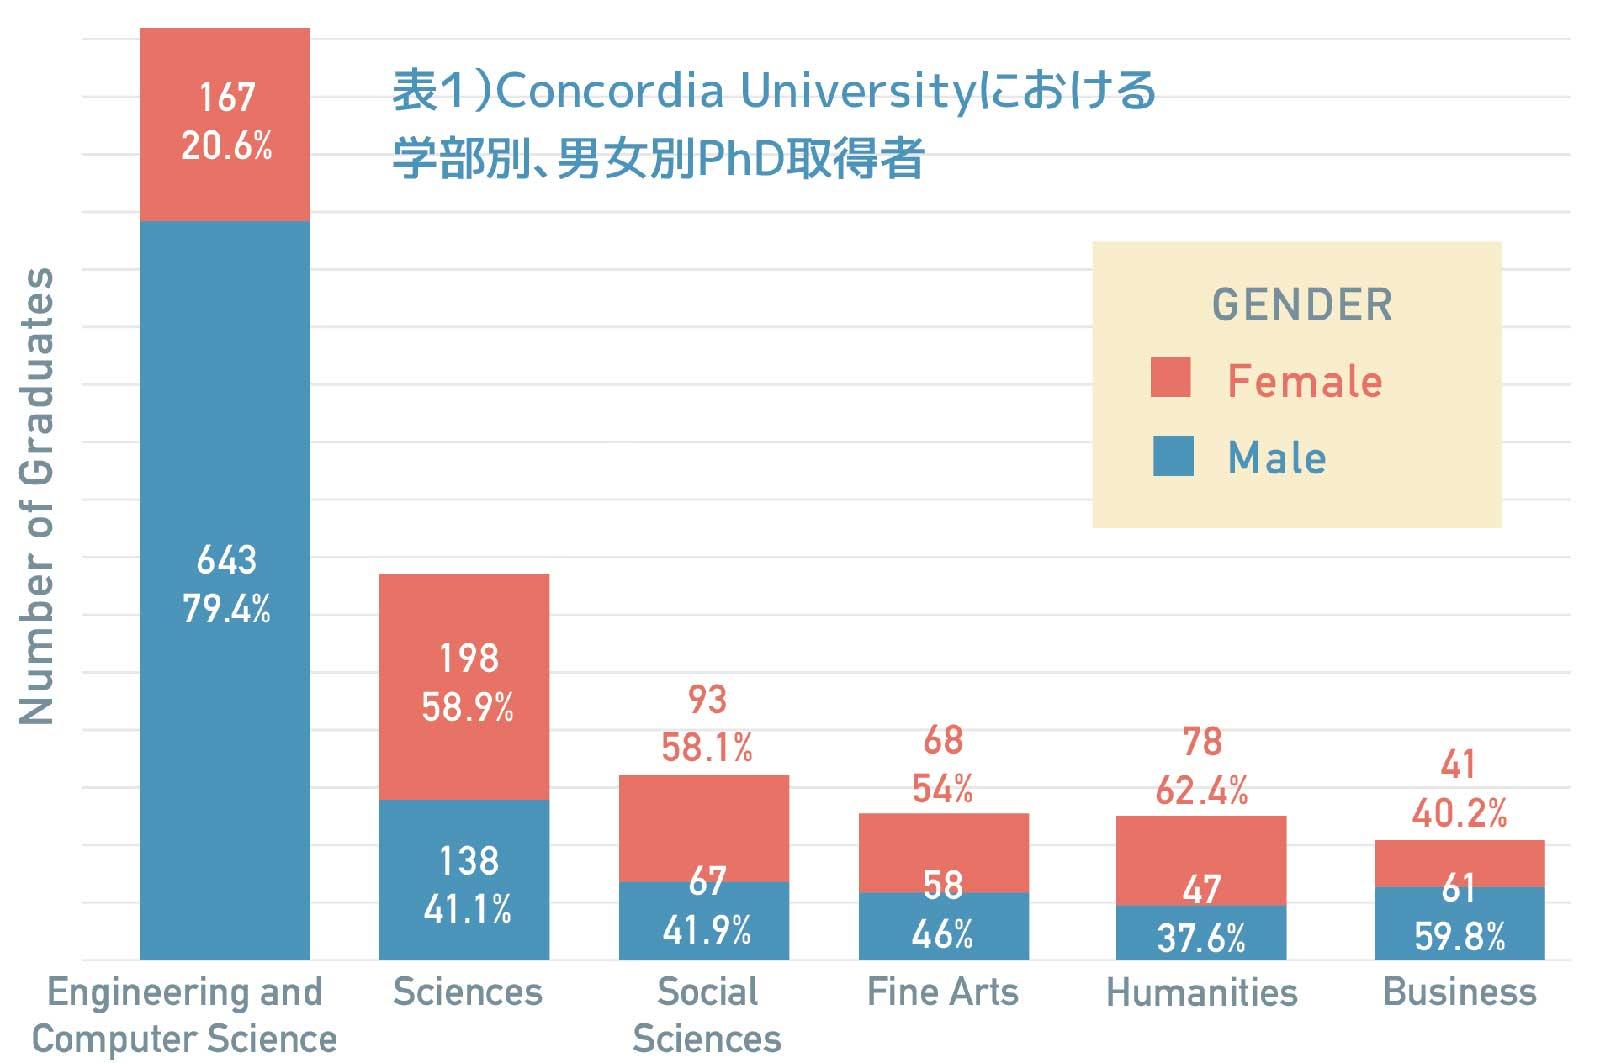 表1)Concordia Universityにおける学部別、男女別PhD取得者